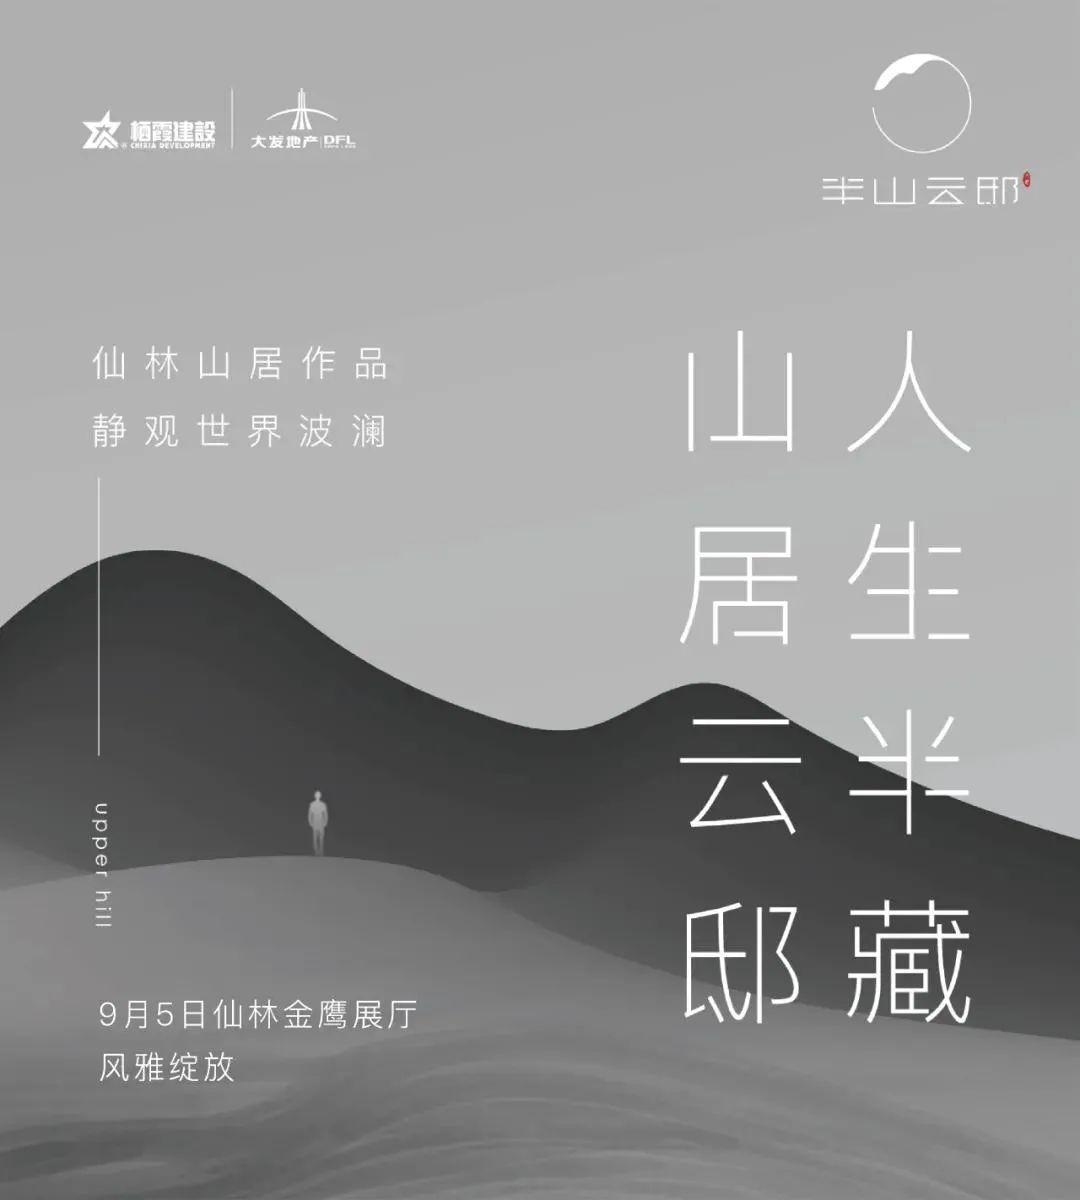 放风价4万+/㎡!进击的仙林湖新地王项目来了